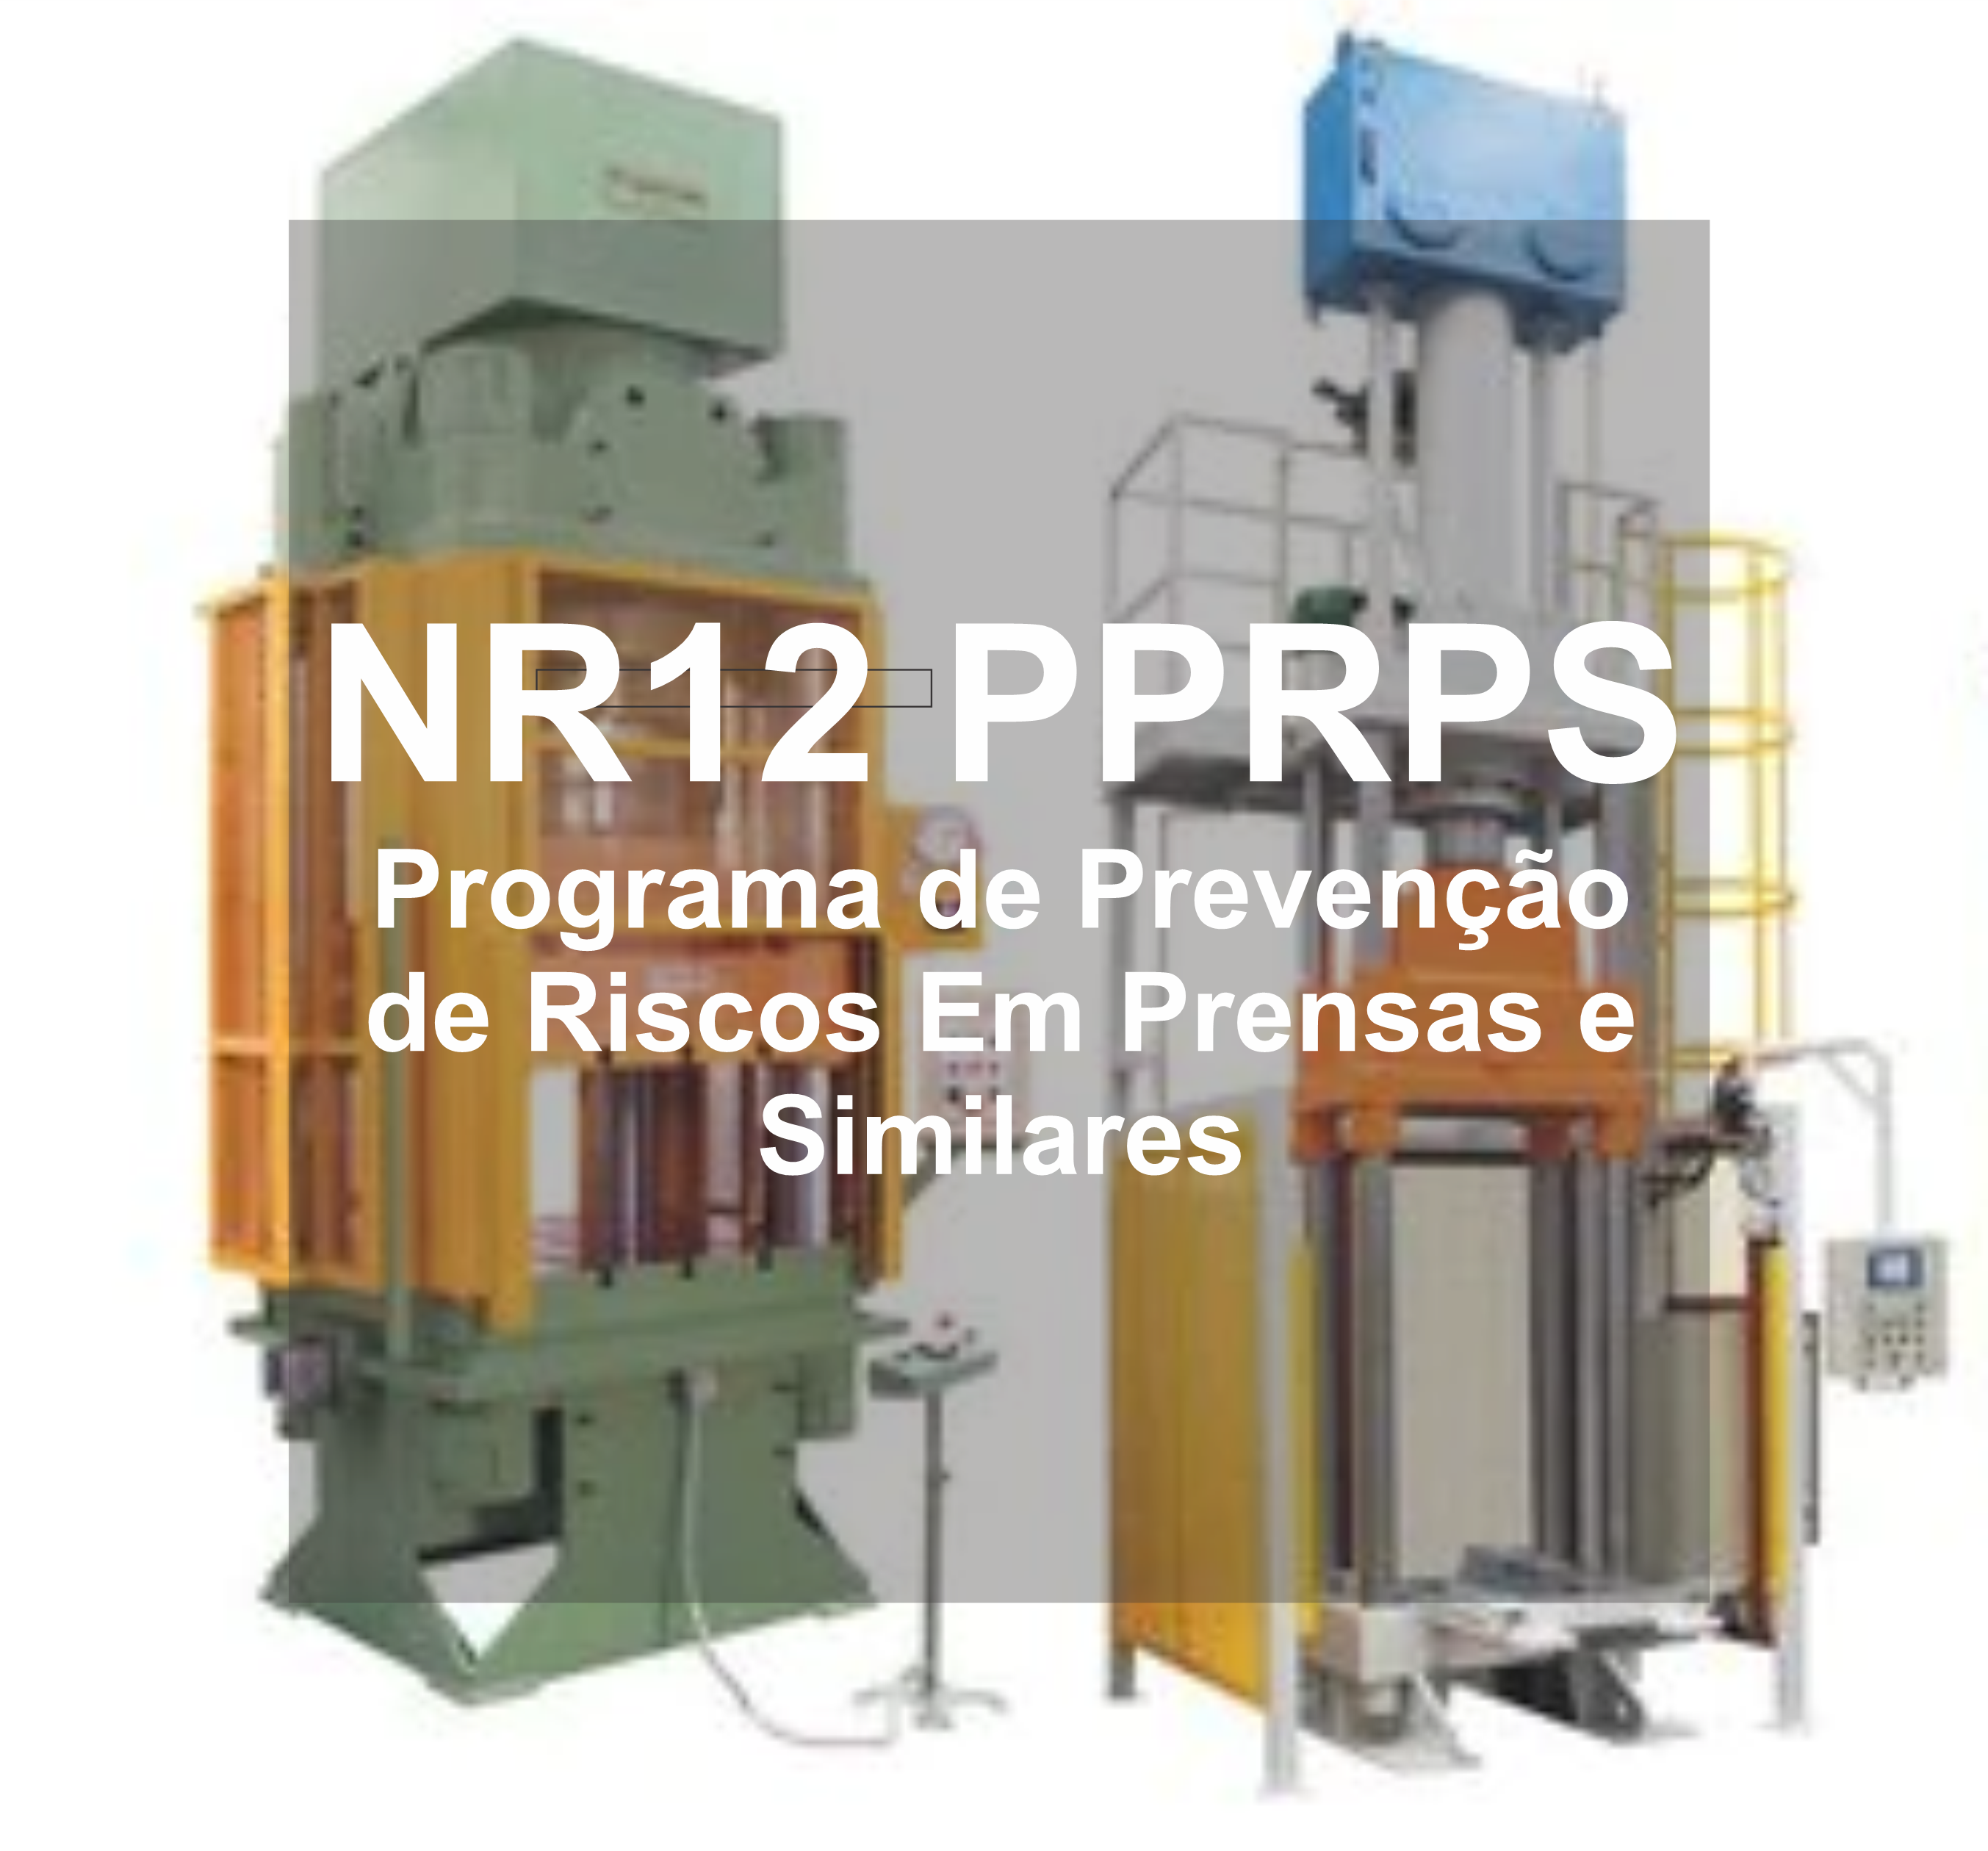 NR12 PPRPS